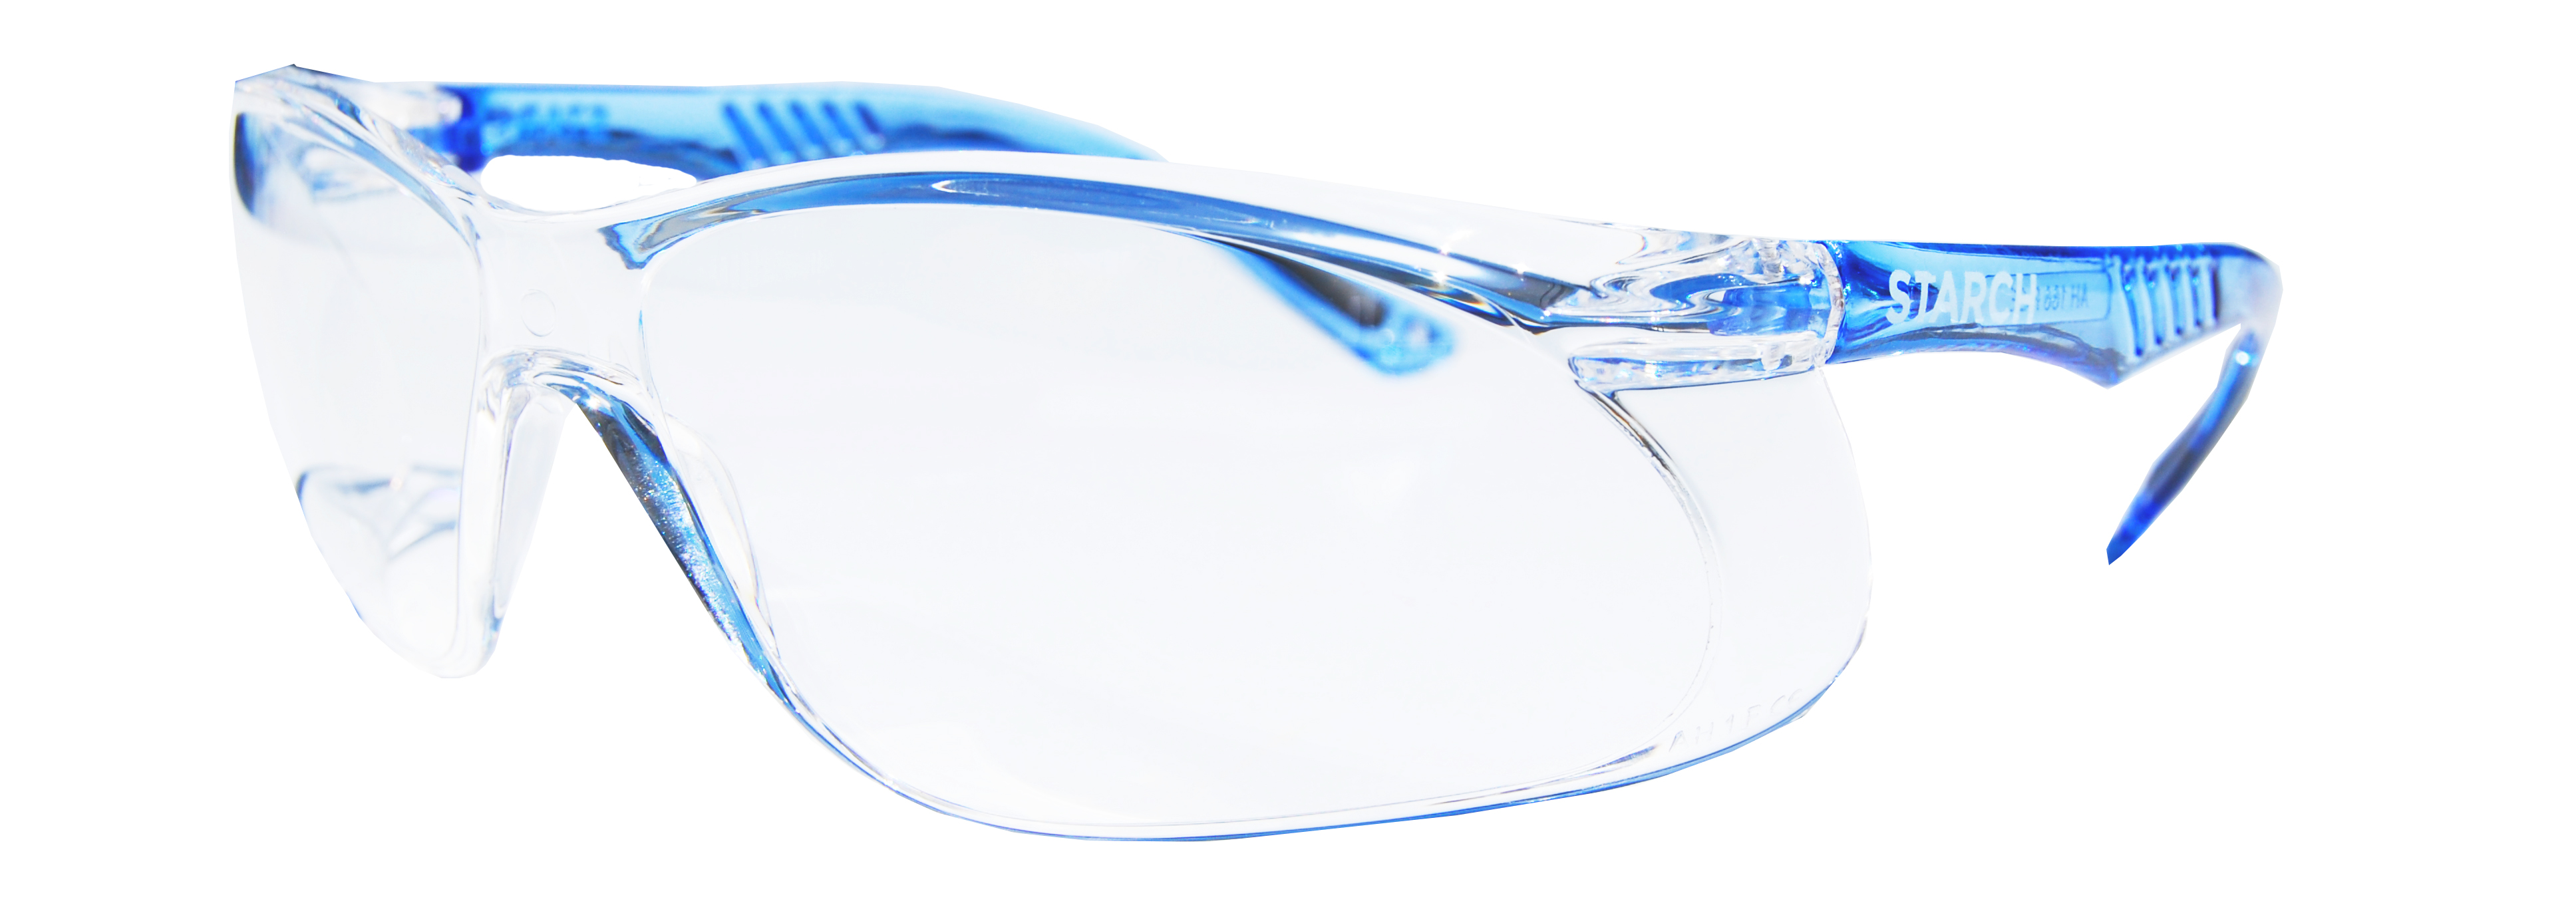 STARCH Schutzbrille Crystal Image